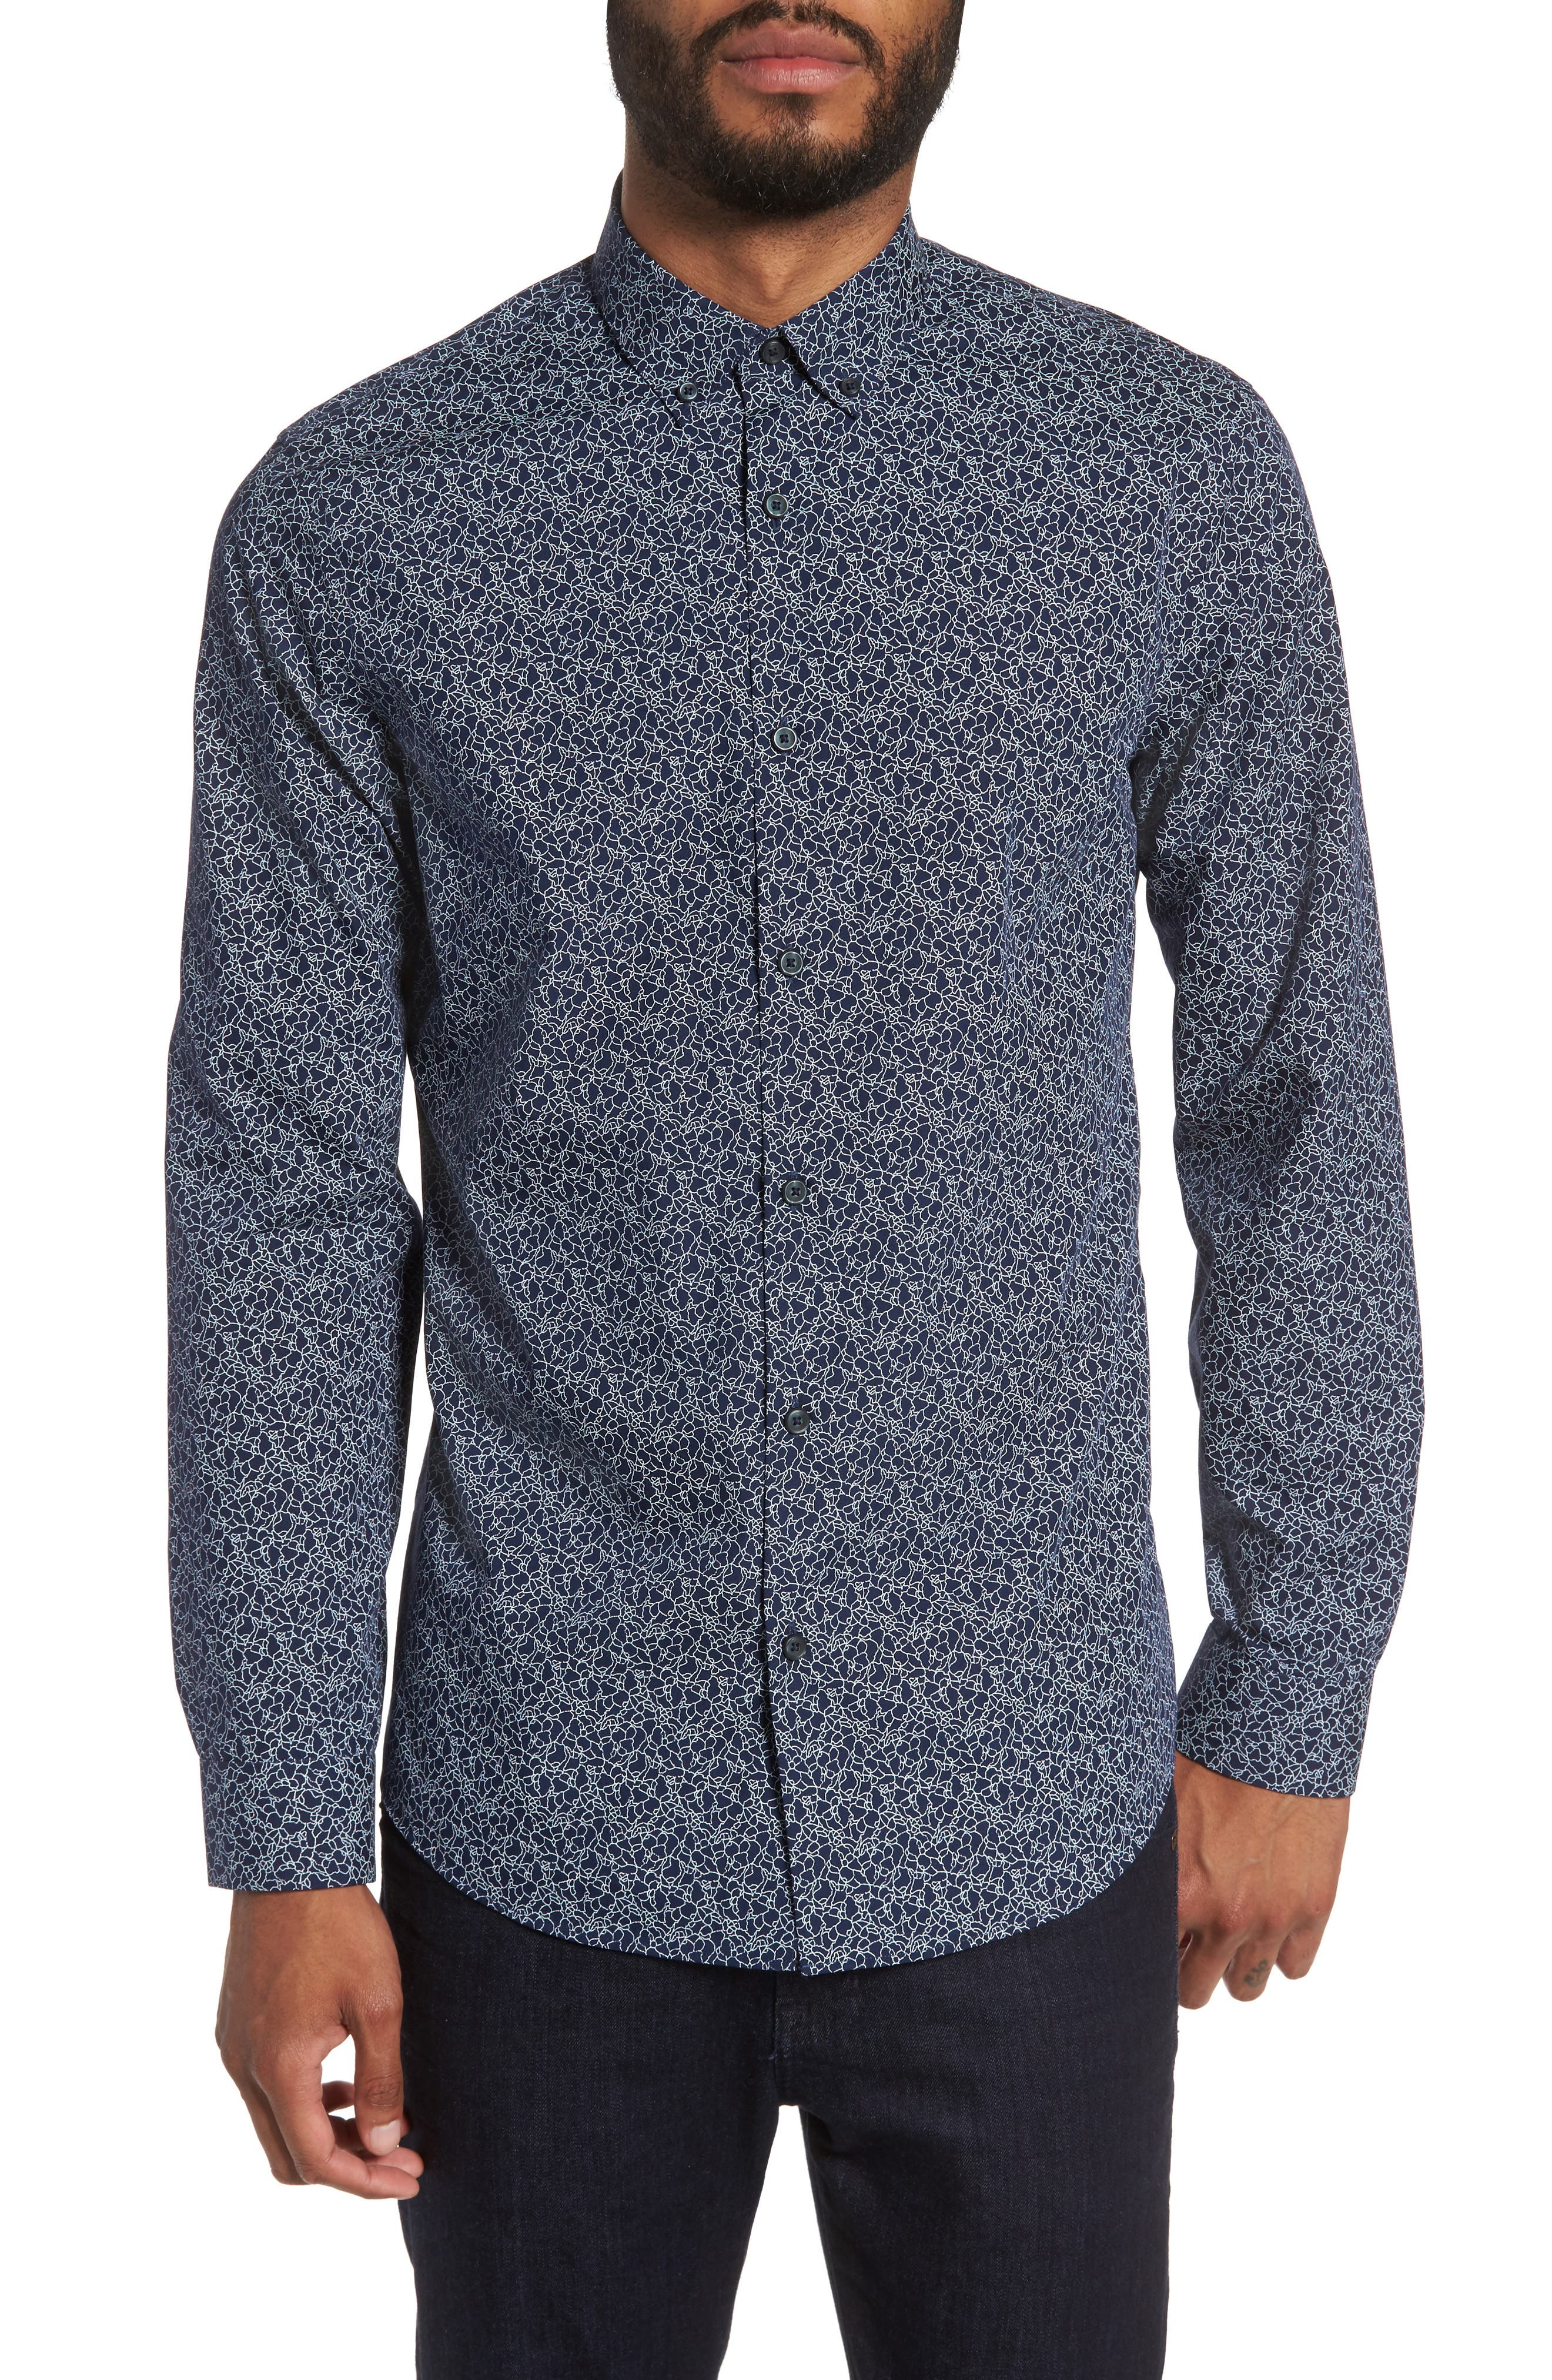 Alternate Image 1 Selected - Calibrate Slim Fit Print Sport Shirt